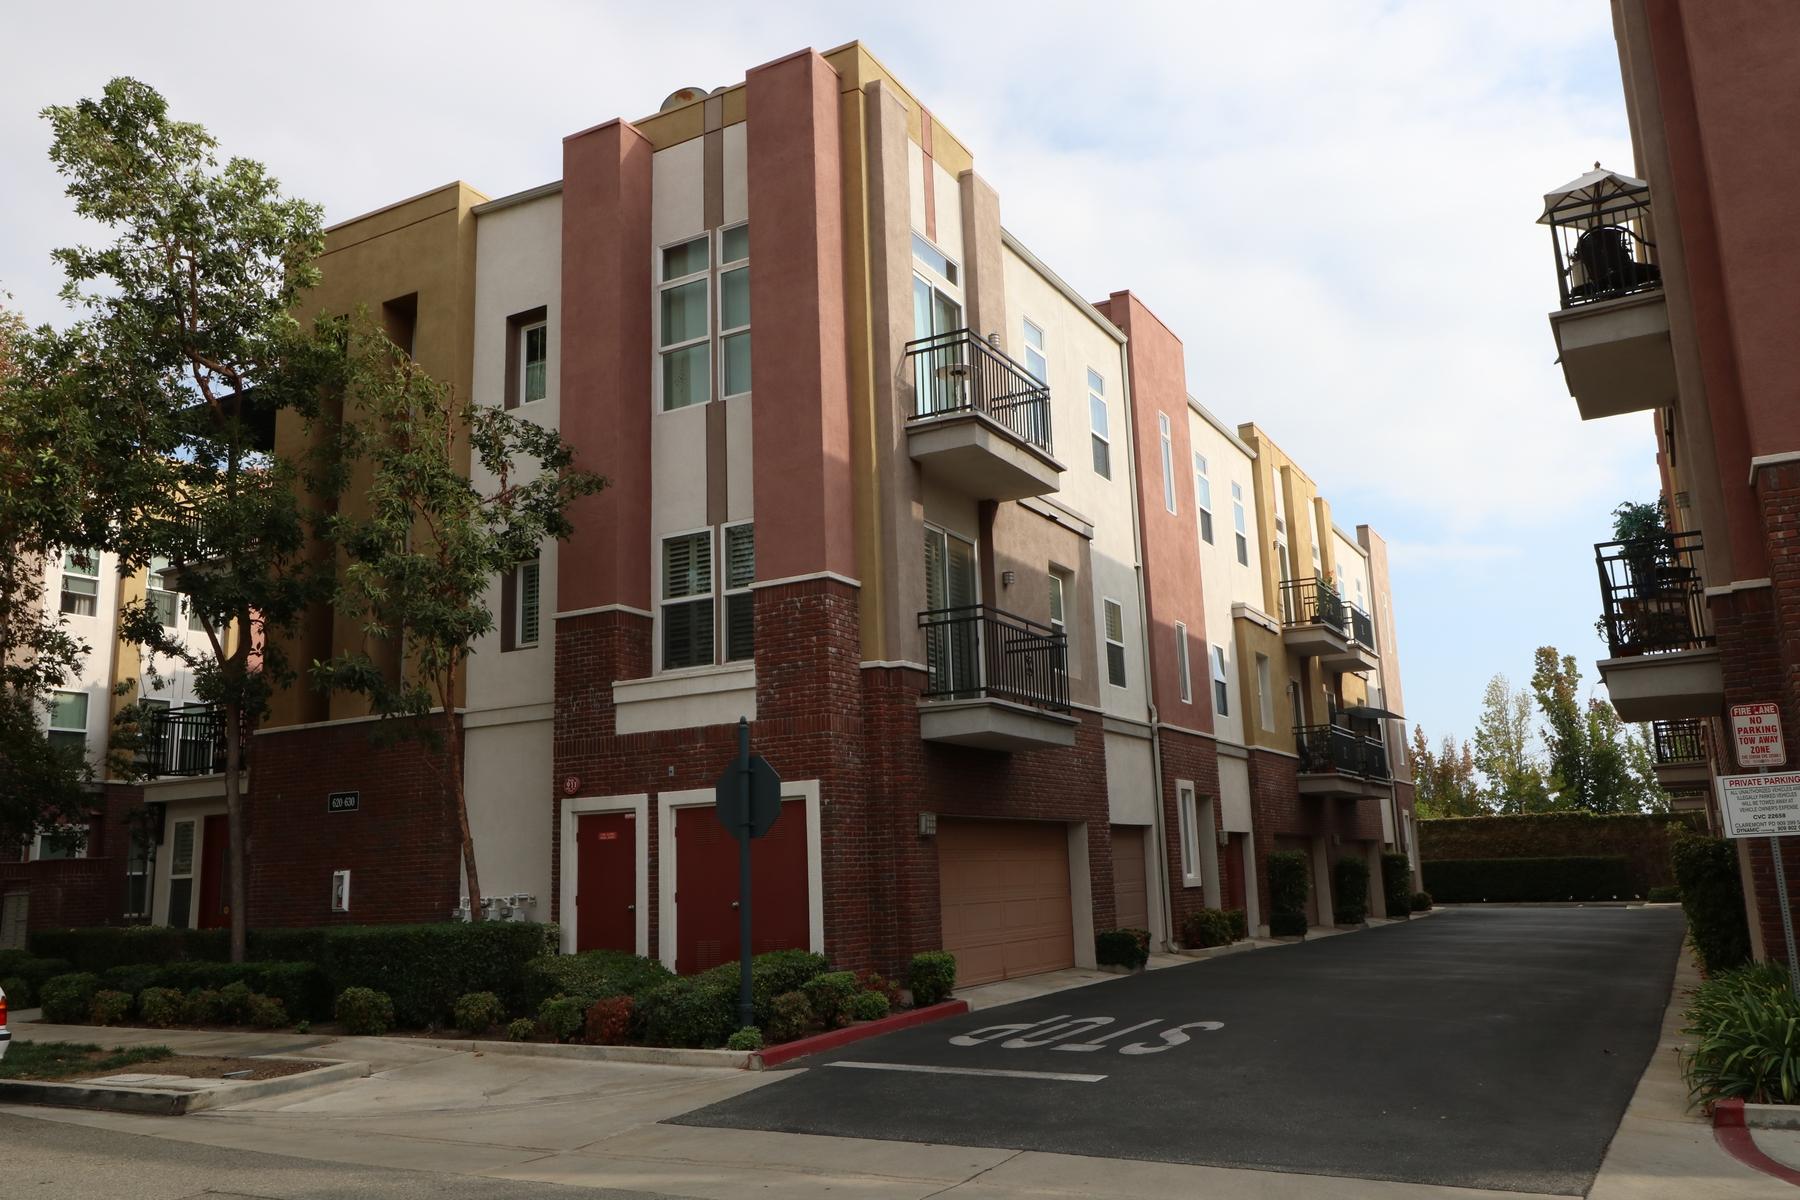 تاون هاوس للـ Rent في 620 W. 1st Street, Claremont, CA 91711 Claremont, California, 91711 United States